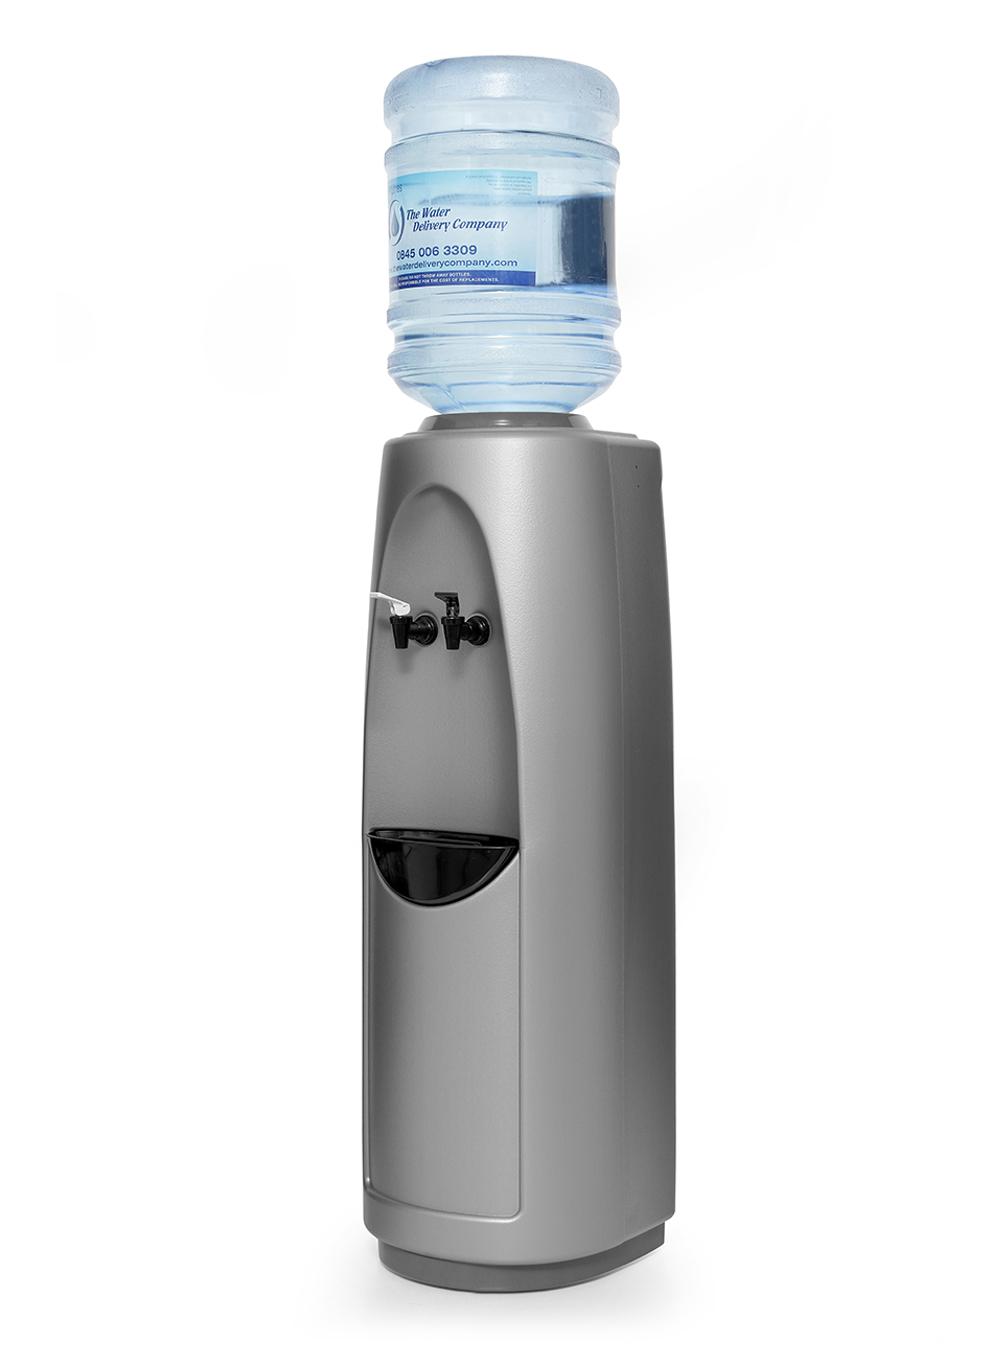 Refurbished Archway Bottled Water Cooler